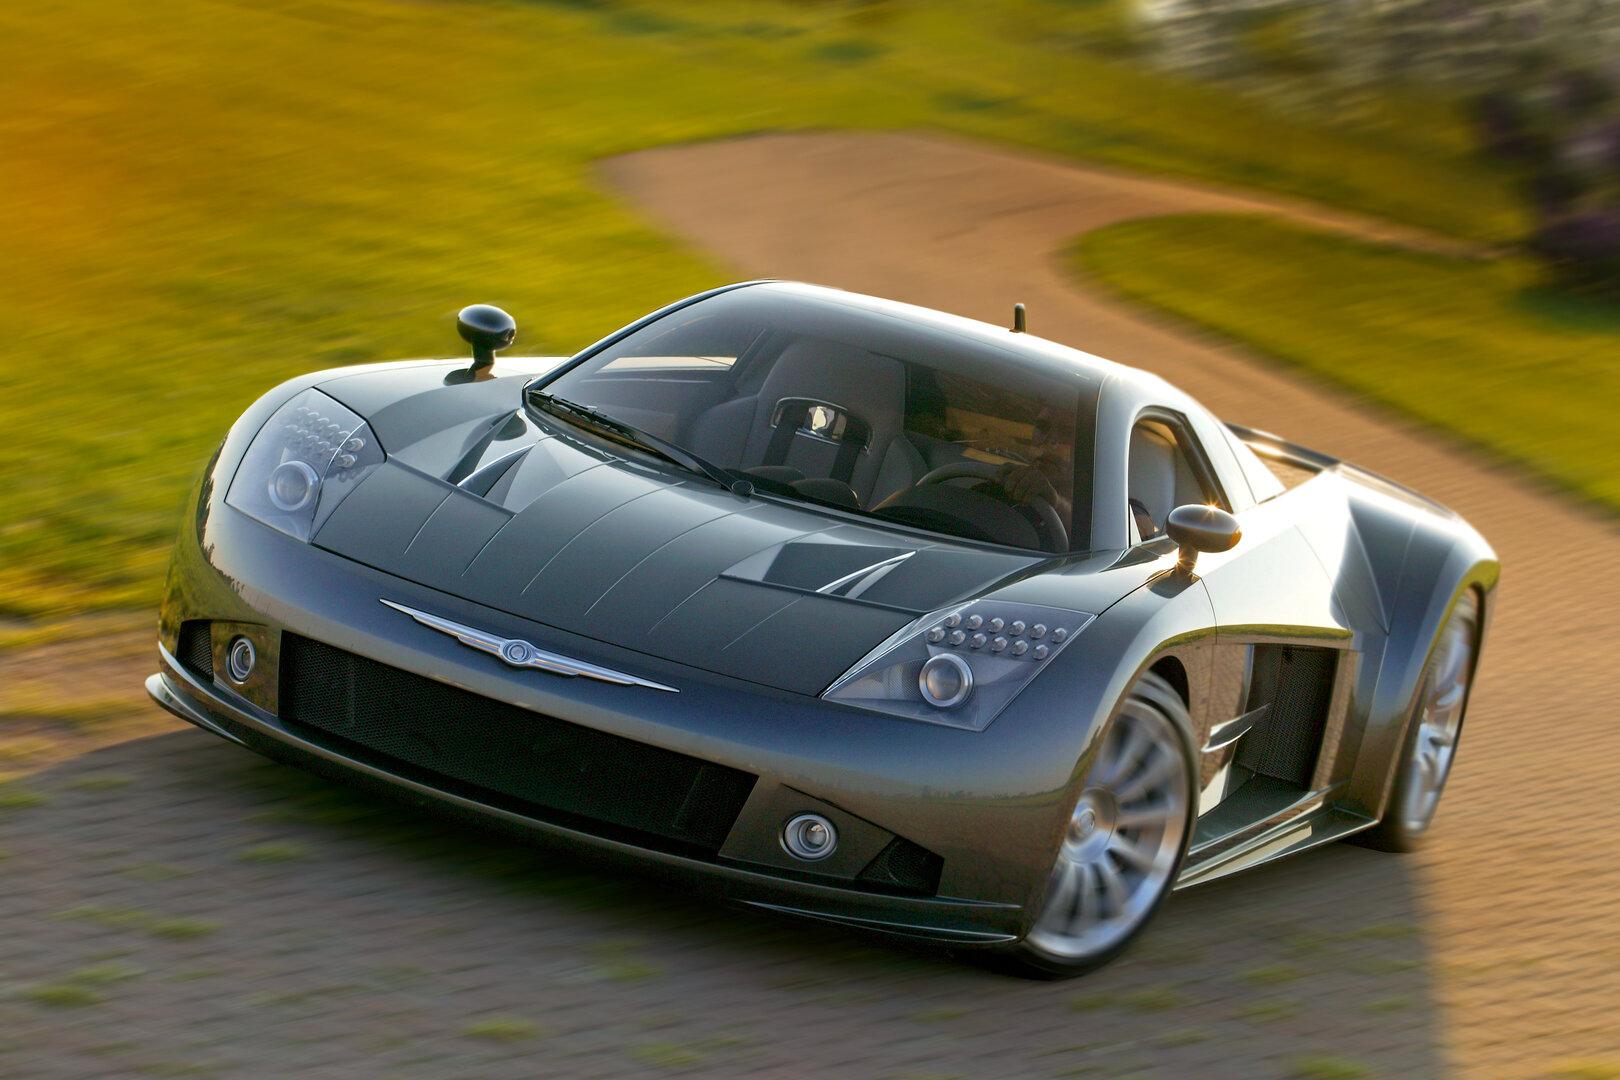 Coche del día: Chrysler ME Four-Twelve Concept